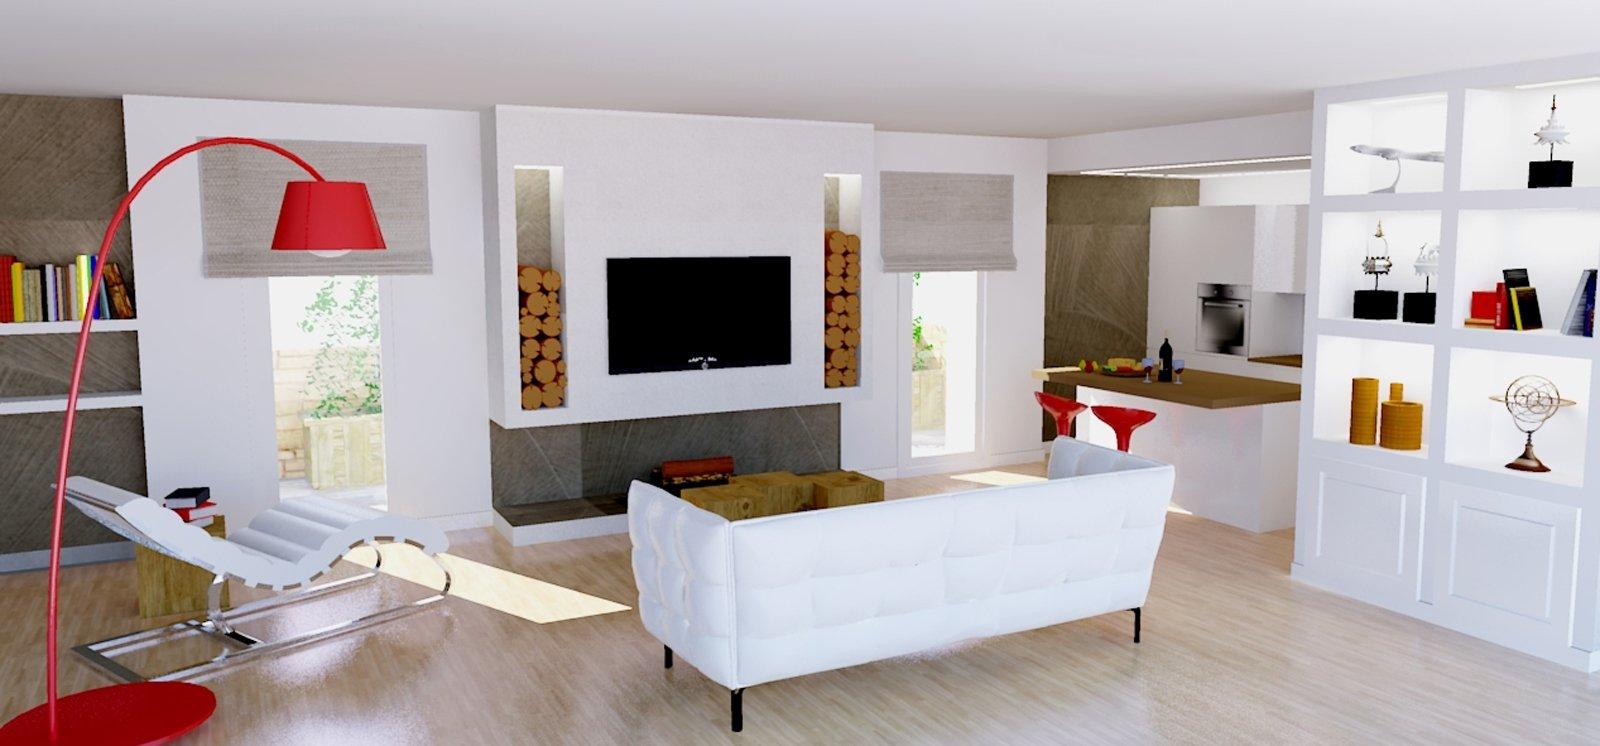 Un progetto per arredare un soggiorno con pareti oblique for Progettare stanza